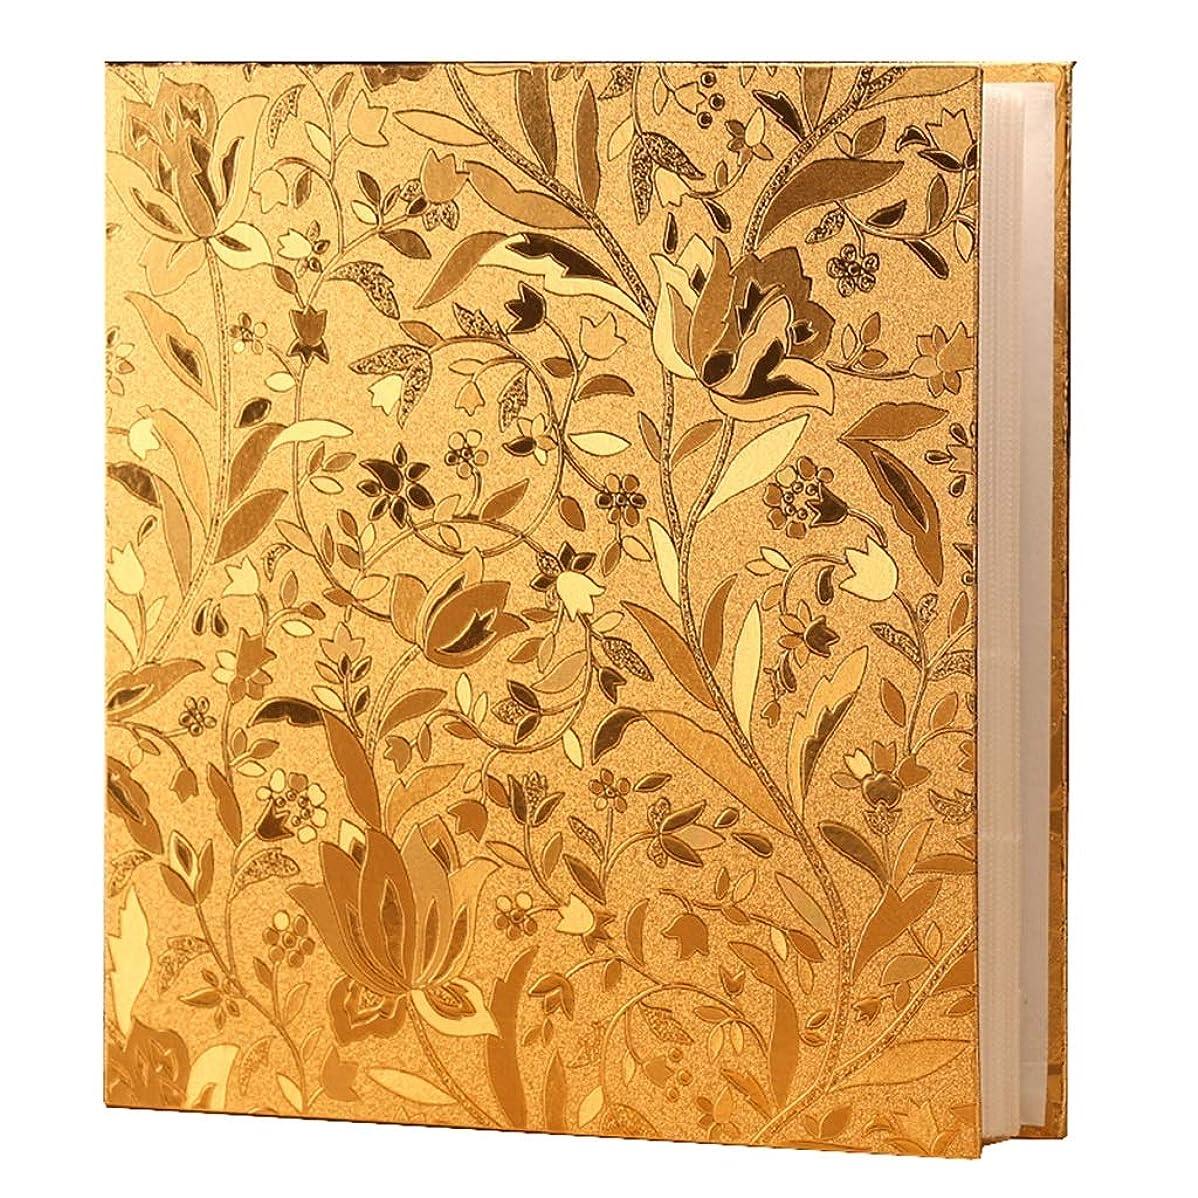 受動的薬理学エレベーター記念本- フォトアルバム、7インチの写真で700の5インチと6インチのホールド、ゴールド